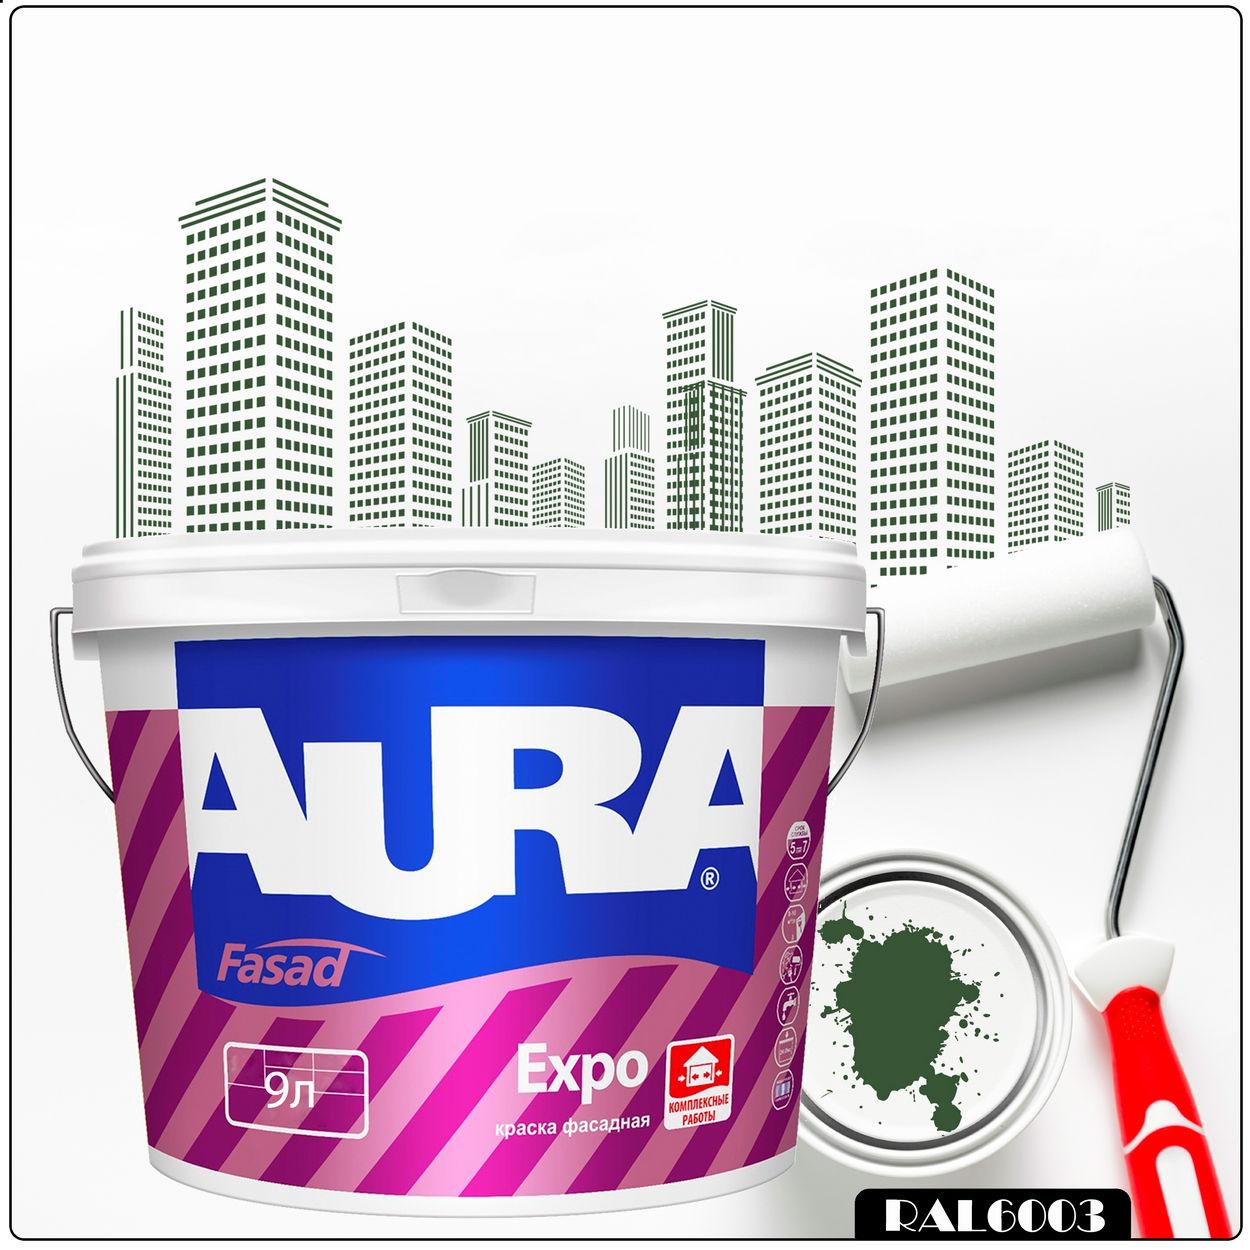 Фото 4 - Краска Aura Fasad Expo, RAL 6003 Оливково-зеленый, матовая, для фасадов и помещений с повышенной влажностью, 9л.